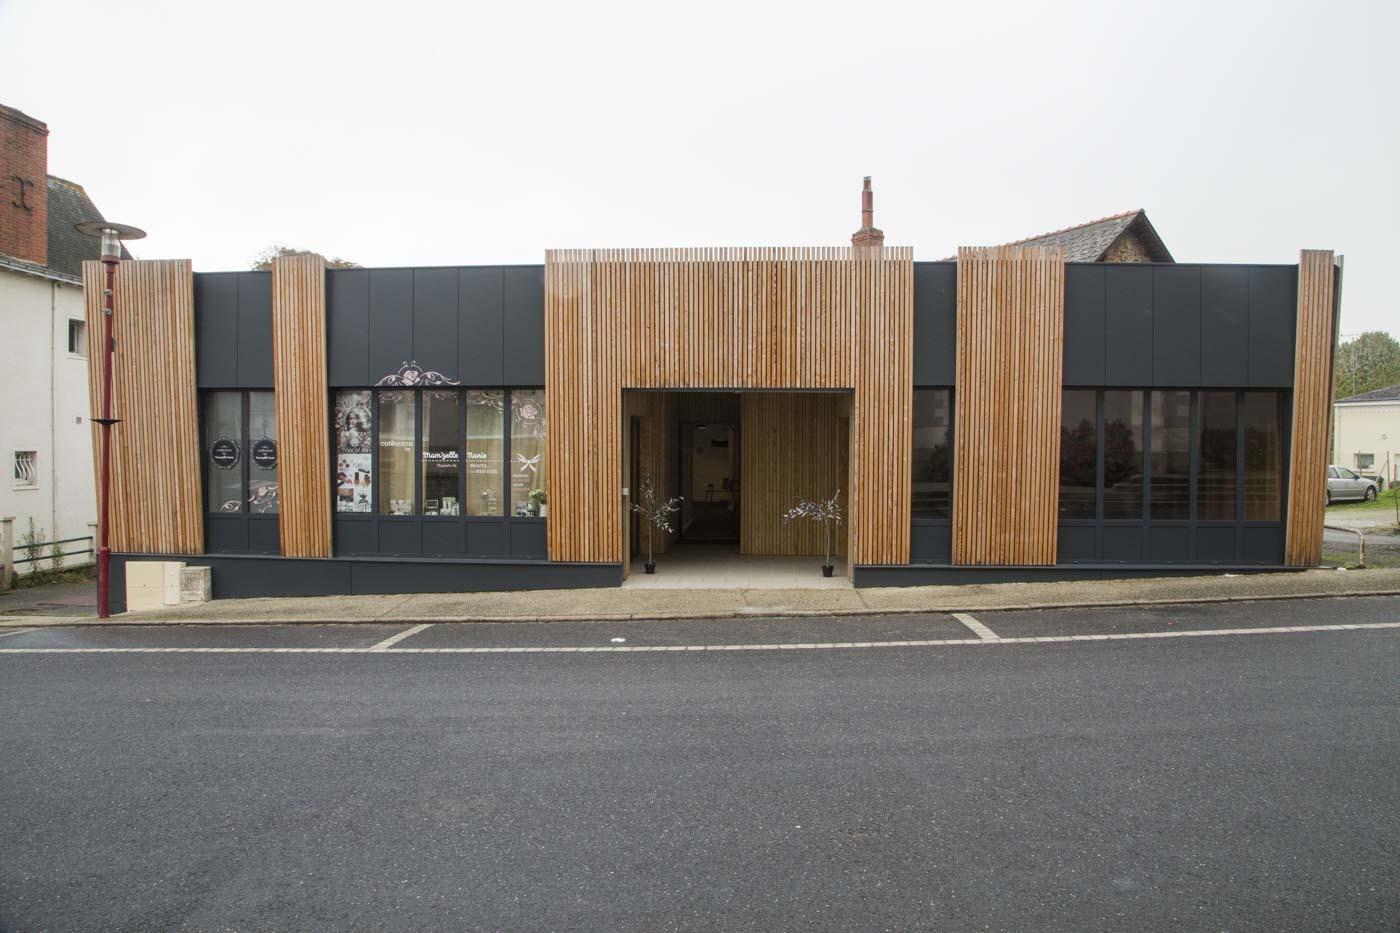 Une nouvelle façade pour le 3ème Lieu | Tiers-Lieu en milieu rural